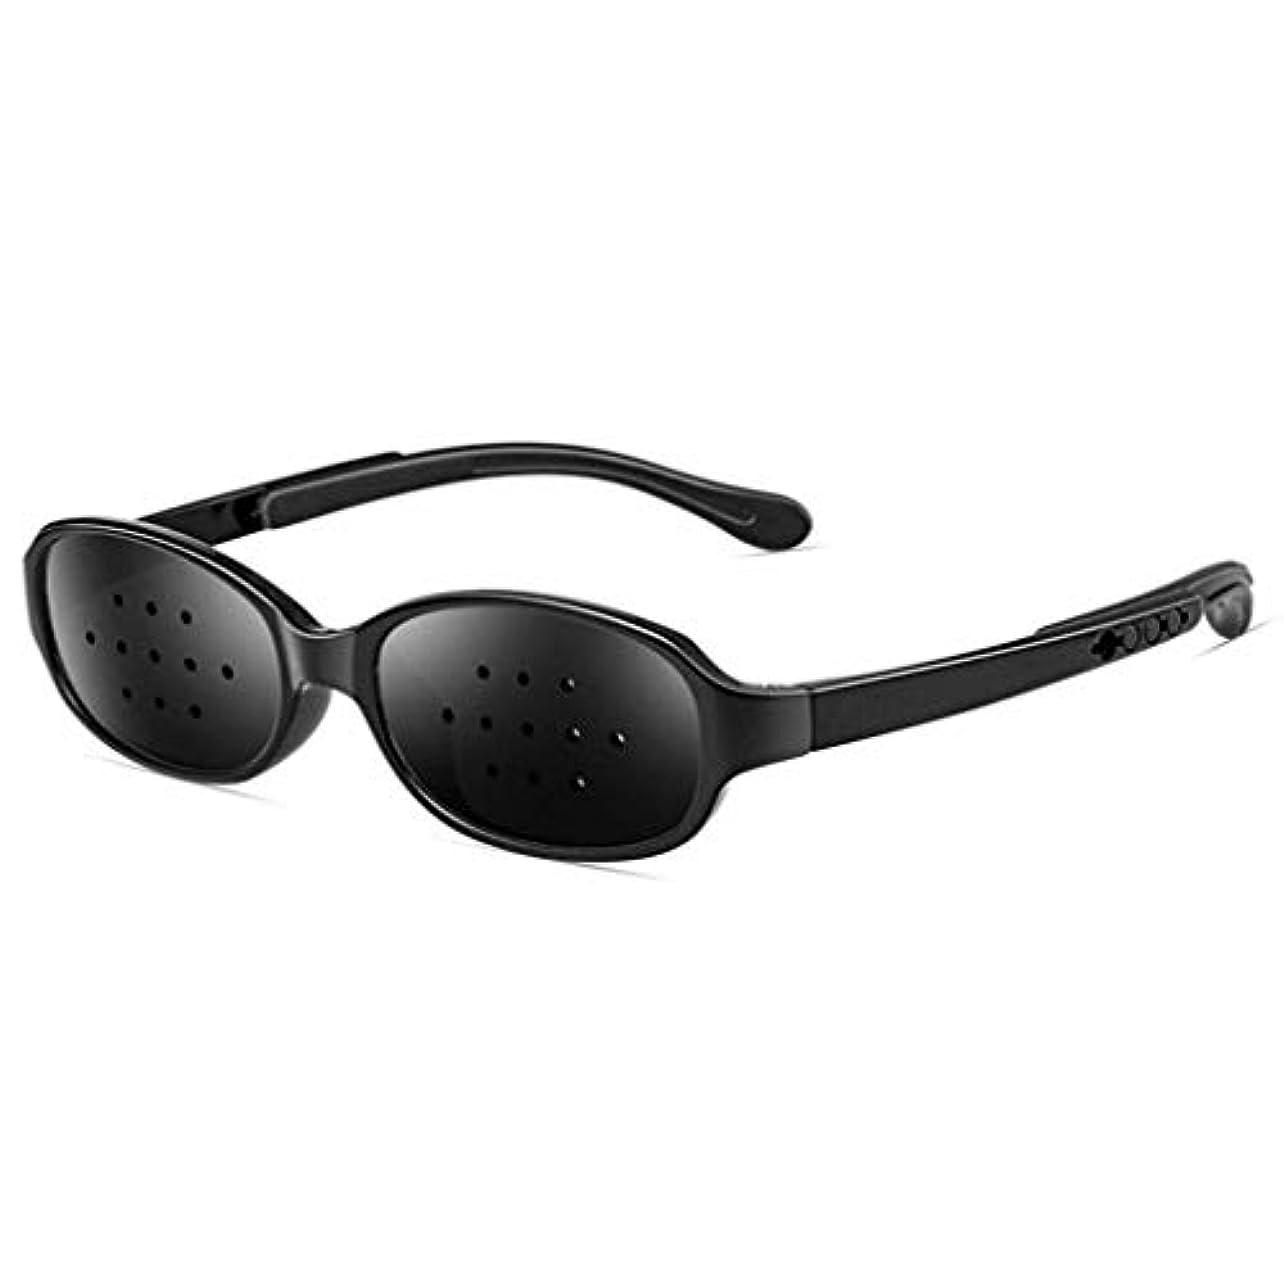 広々とした交渉する優先ピンホールメガネ、視力矯正メガネ網状視力保護メガネ耐疲労性メガネ近視の防止メガネの改善 (Color : 黒)